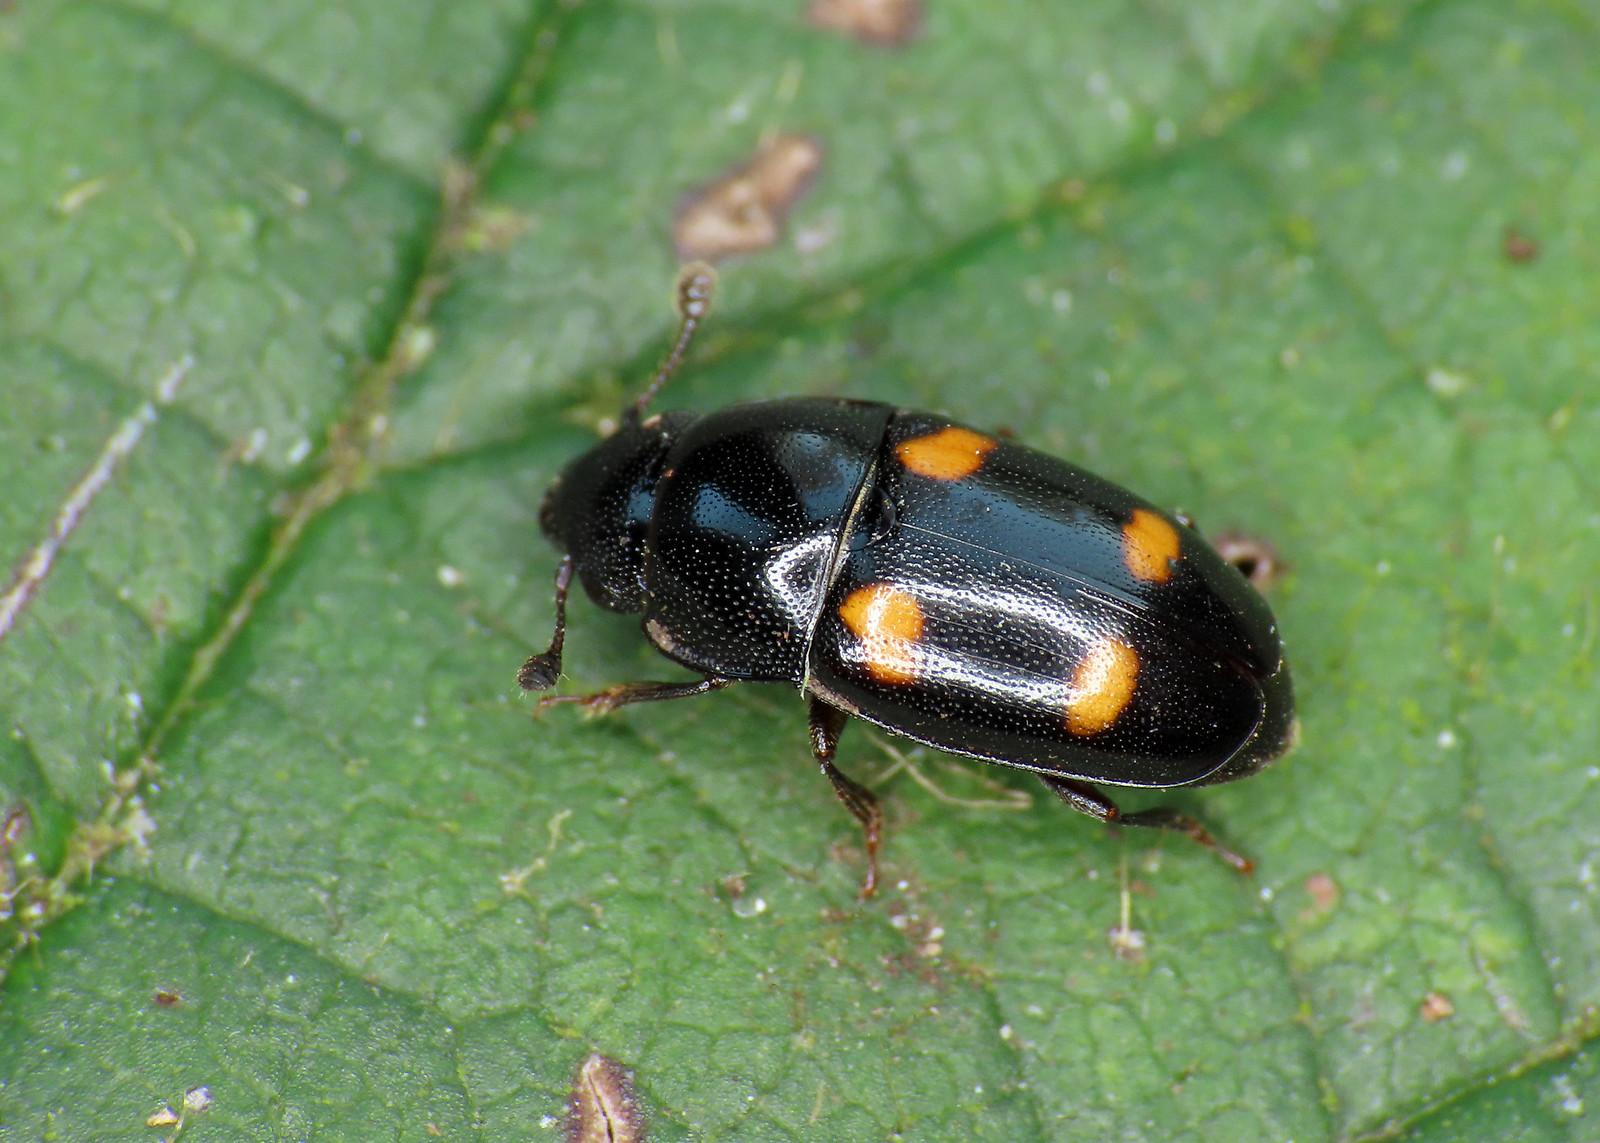 Glischrochilus hortensis